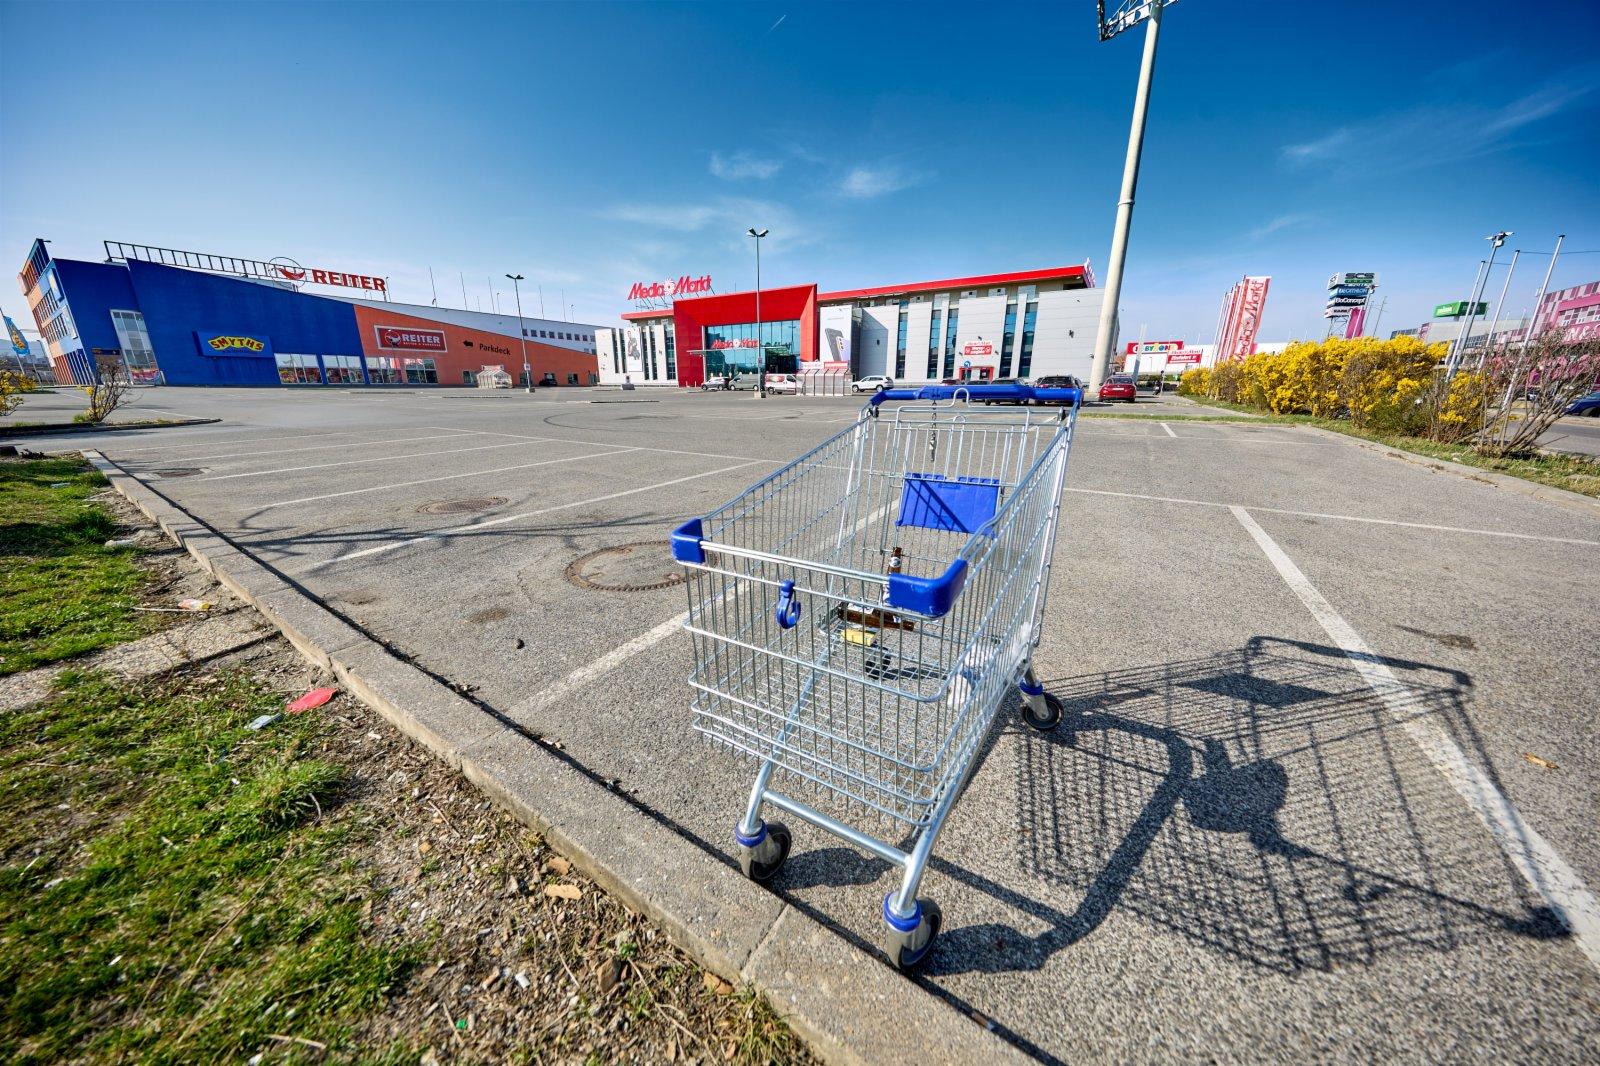 4月1日,在奧地利下奧地利州,一處大型電器商店的停車場空空蕩蕩。(新華社)